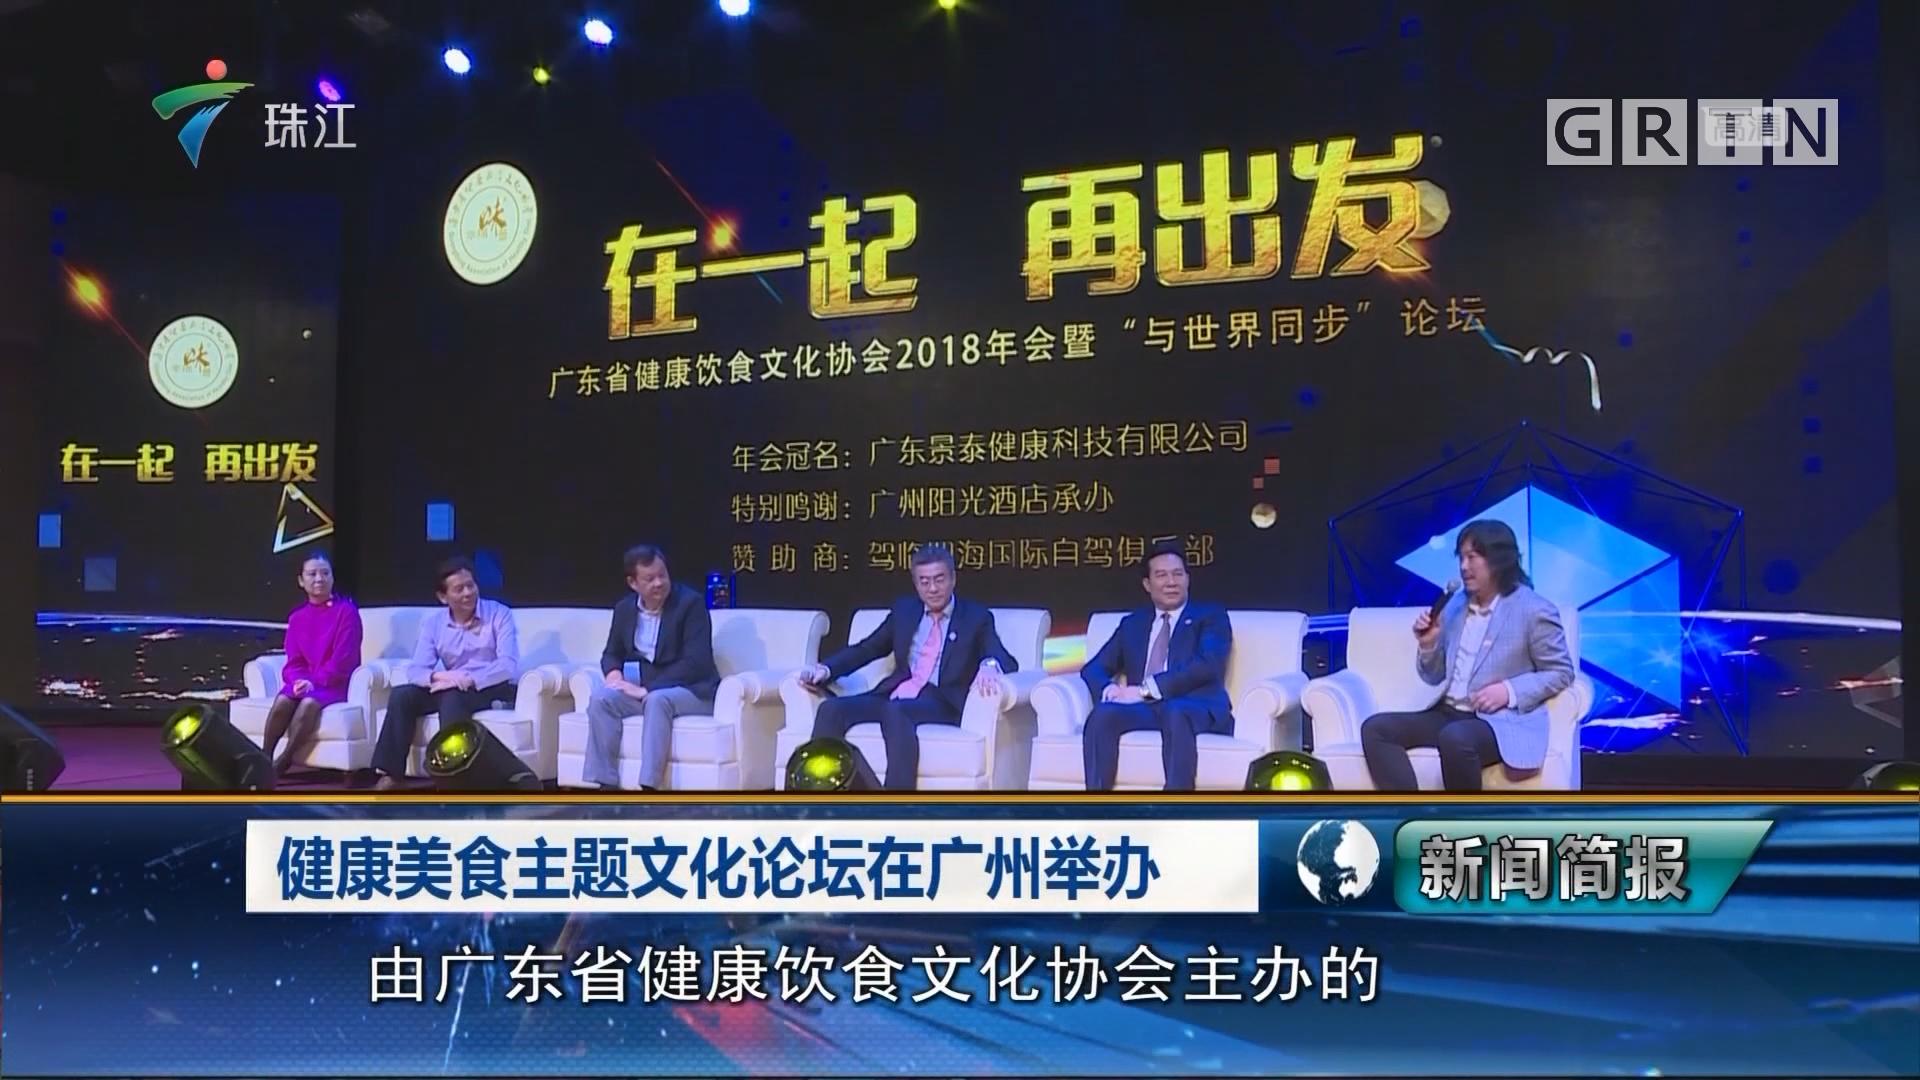 健康美食主题文化论坛在广州举办